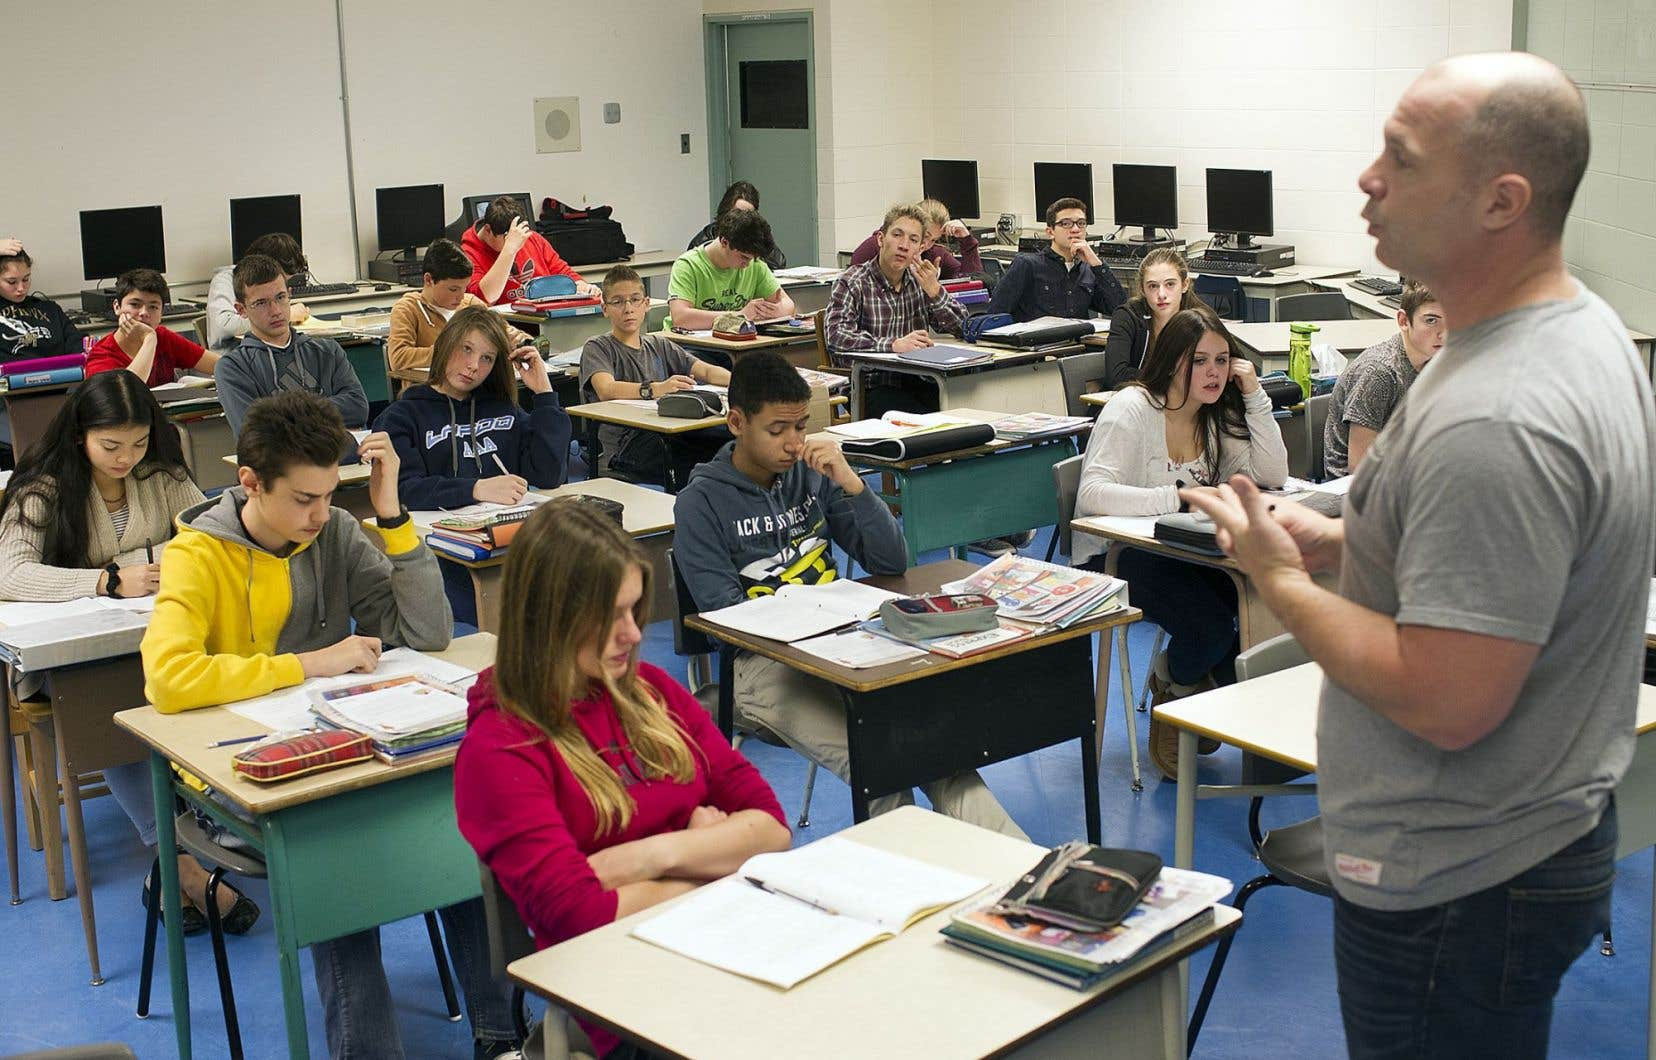 La posture de l'enseignant prescrite par le programme est la neutralité, tant que les propos ou les comportements des élèves ne contreviennent pas aux valeurs québécoises.